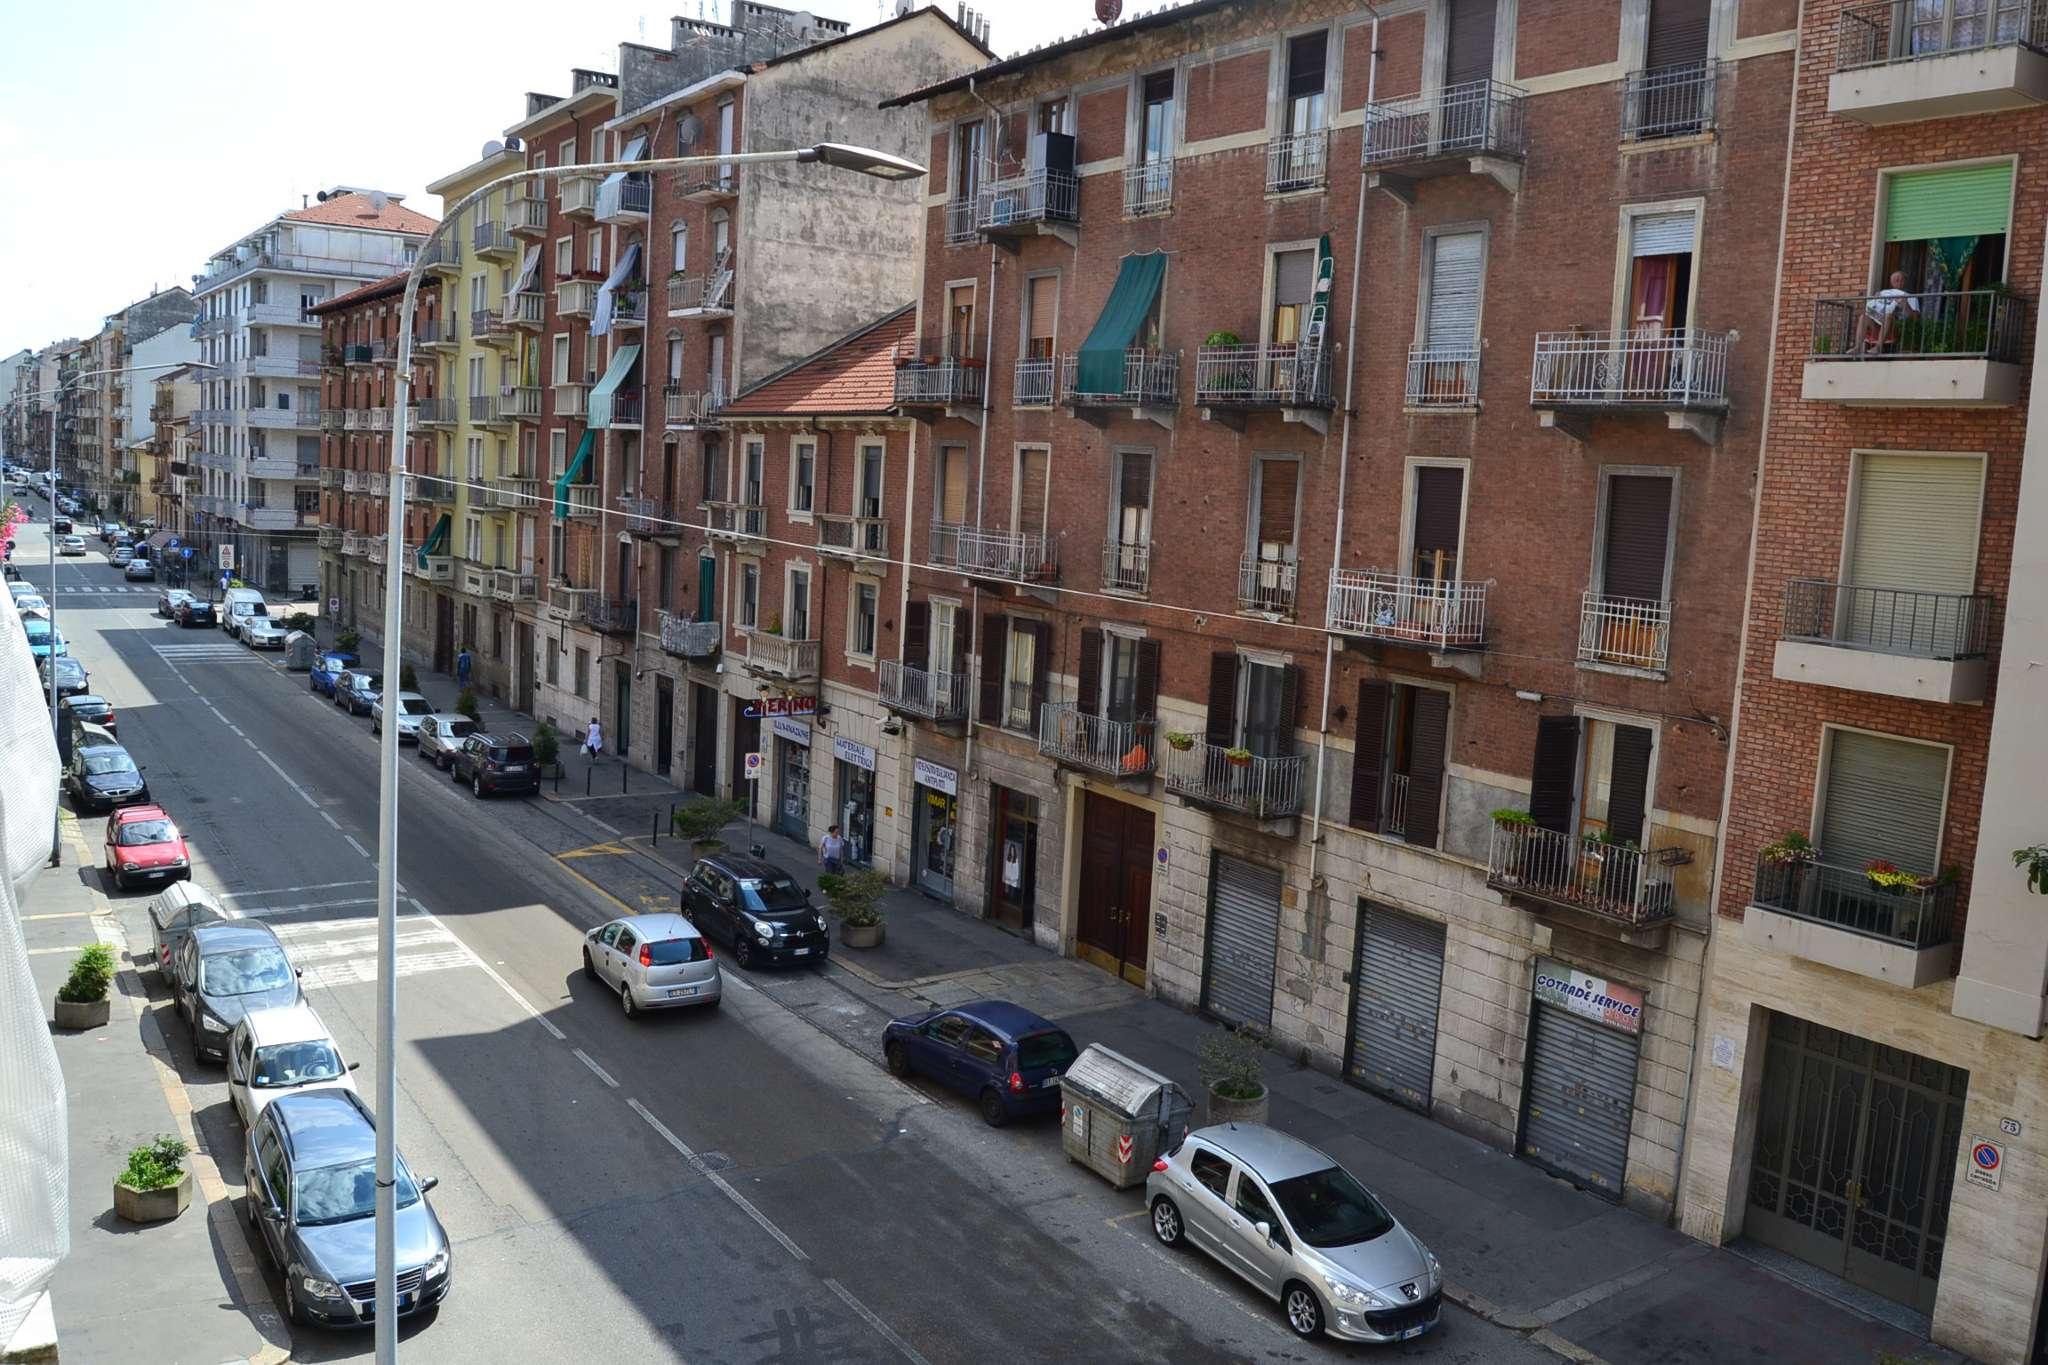 Immagine immobiliare Via Renato Martorelli, in zona ben servita ricca di attività commerciali e mezzi pubblici (STAZIONE REBAUDENGO-FOSSATA) con i quali si può raggiungere comodamente il centro di Torino ed i poli universitari, in stabile d'epoca...